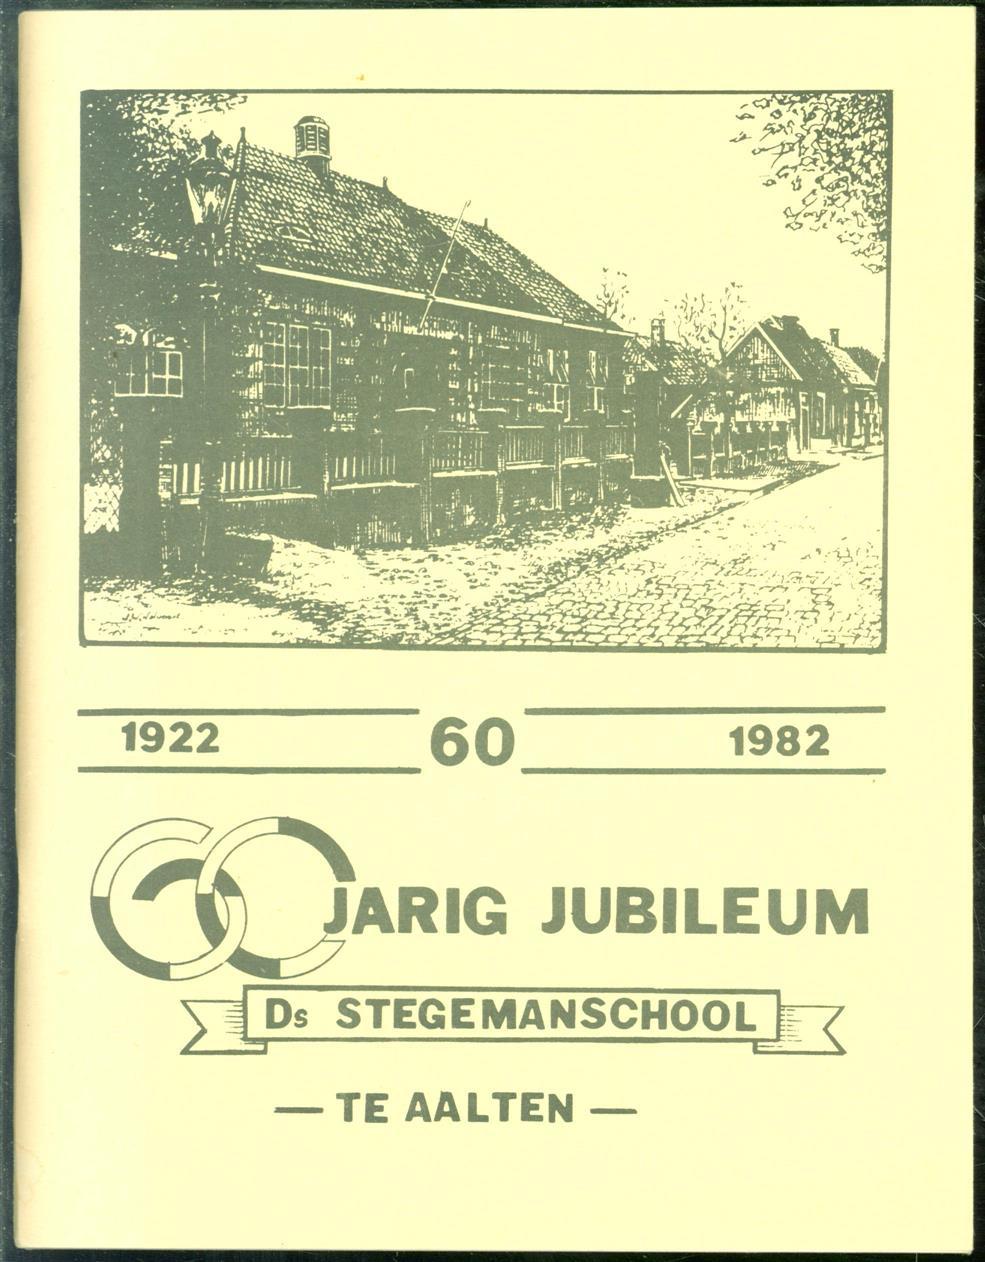 ( Klein Entink B.H.  voorwoord ) - 1922 - 1982 60 jarig jubileum Ds Stegemanschool te Aalten